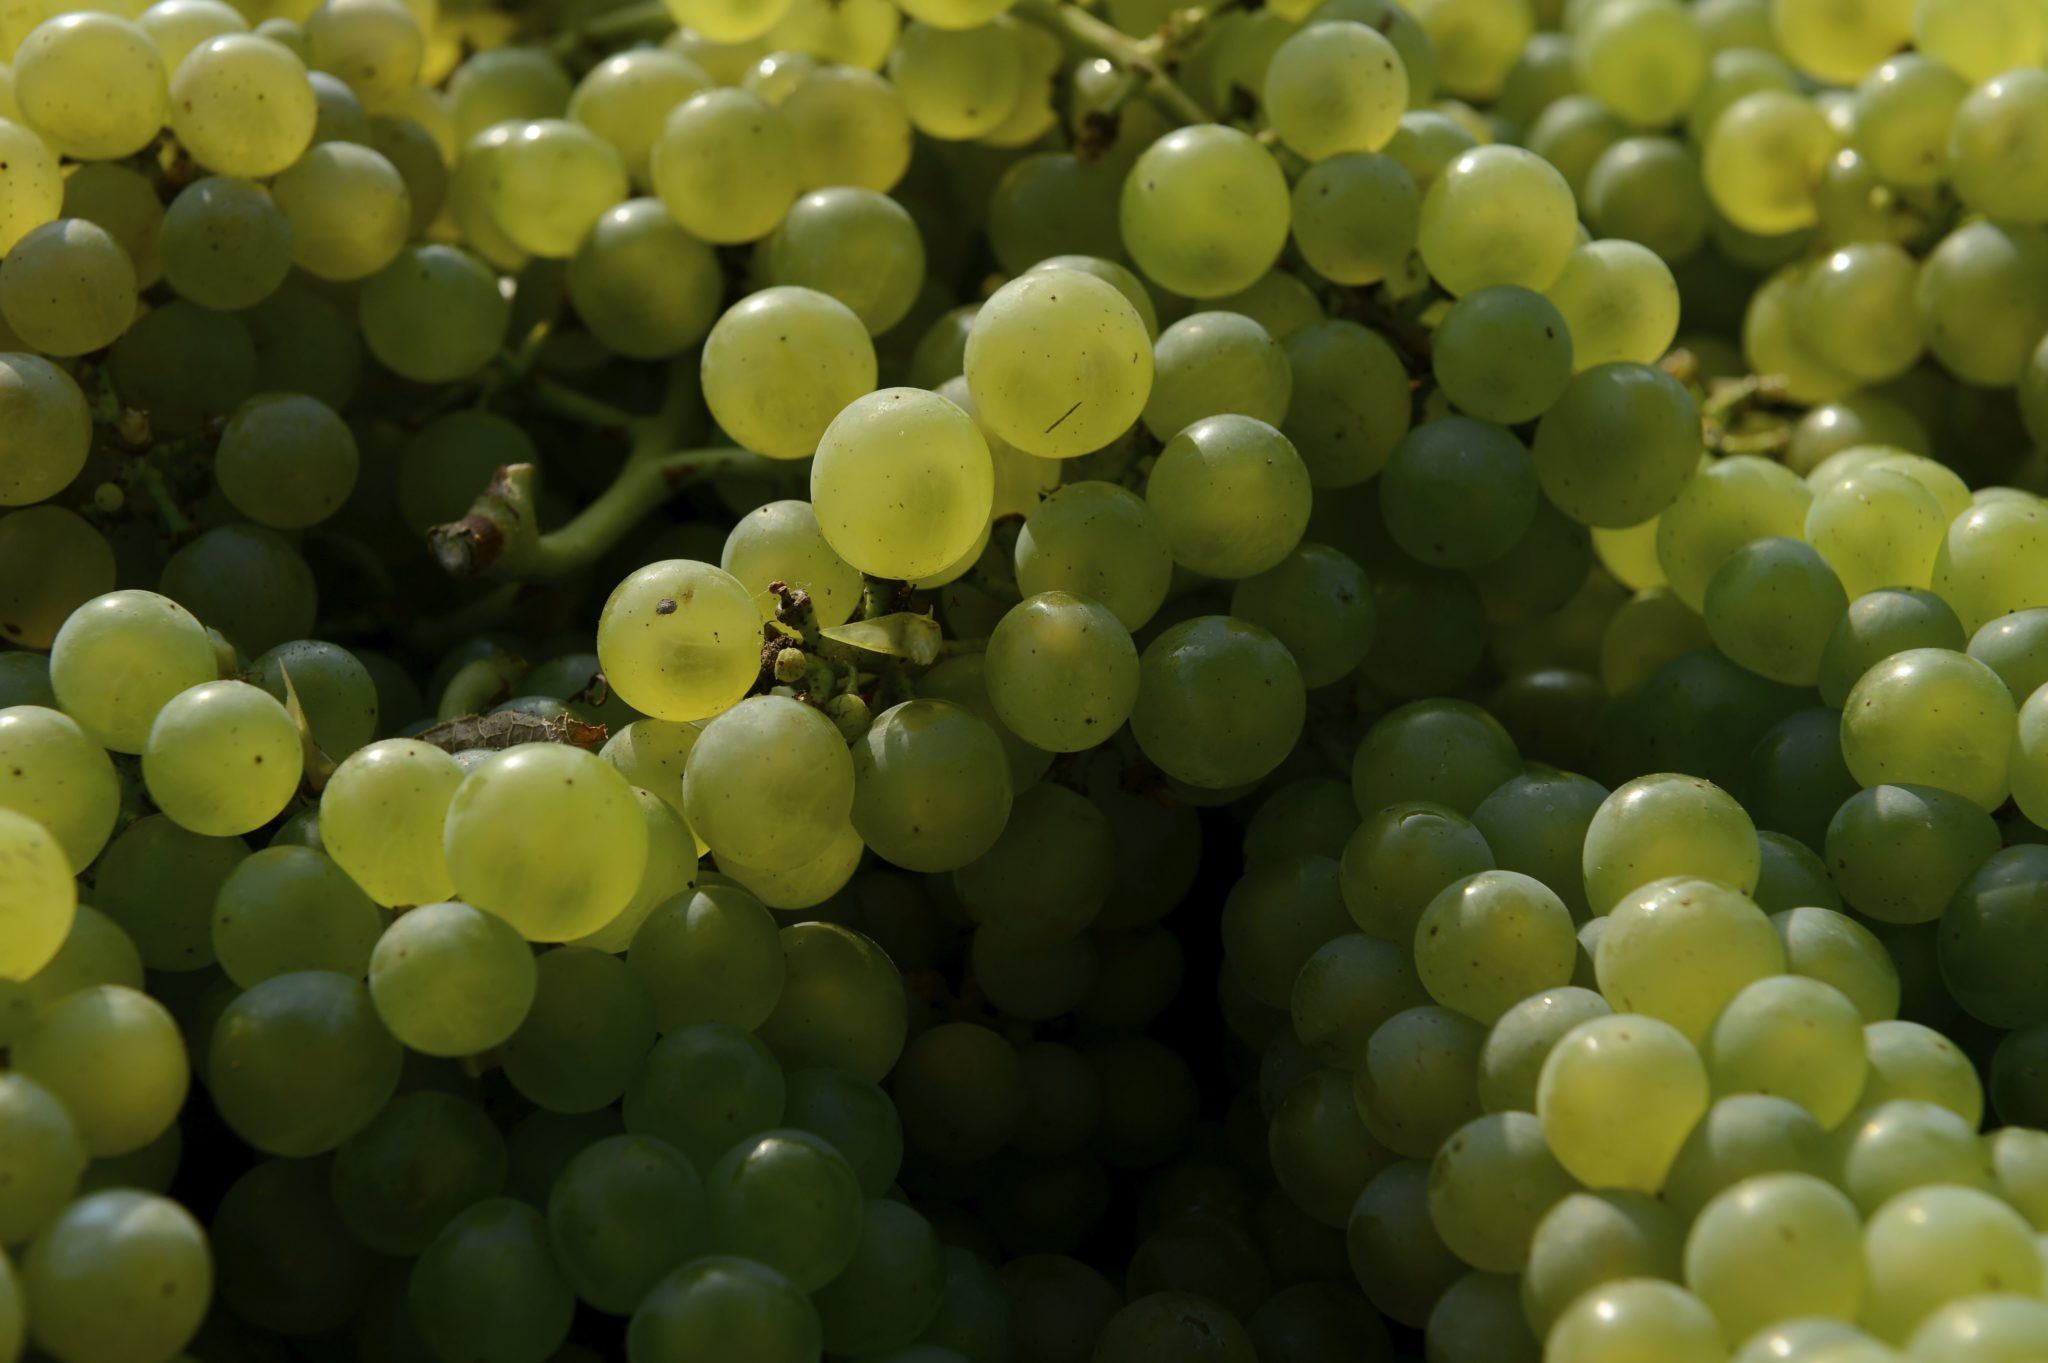 Trier le raisin...pour sauver les moucherons et les coccinelles.